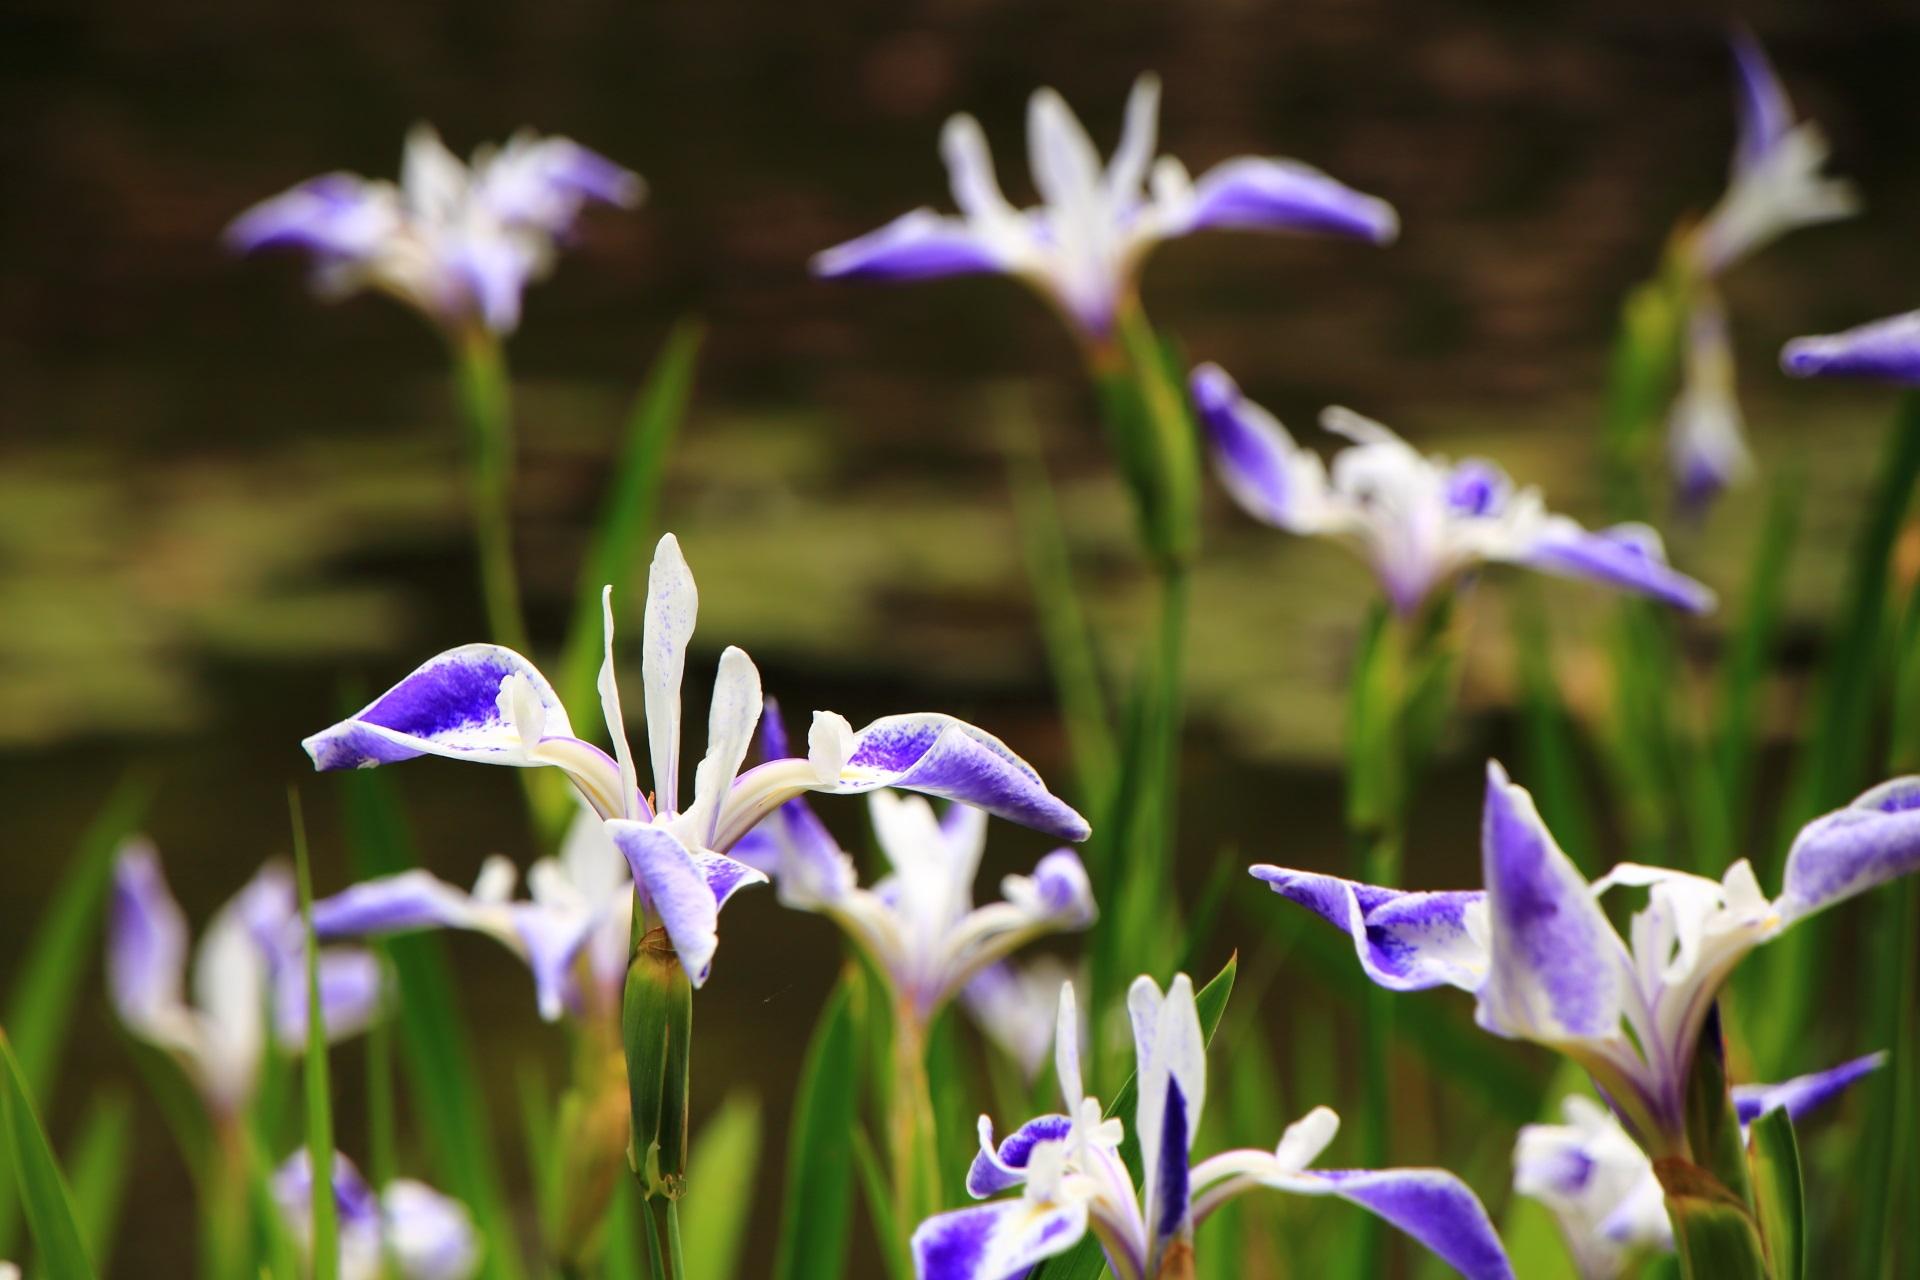 平安神宮の水面から飛び立つような華やかな折鶴